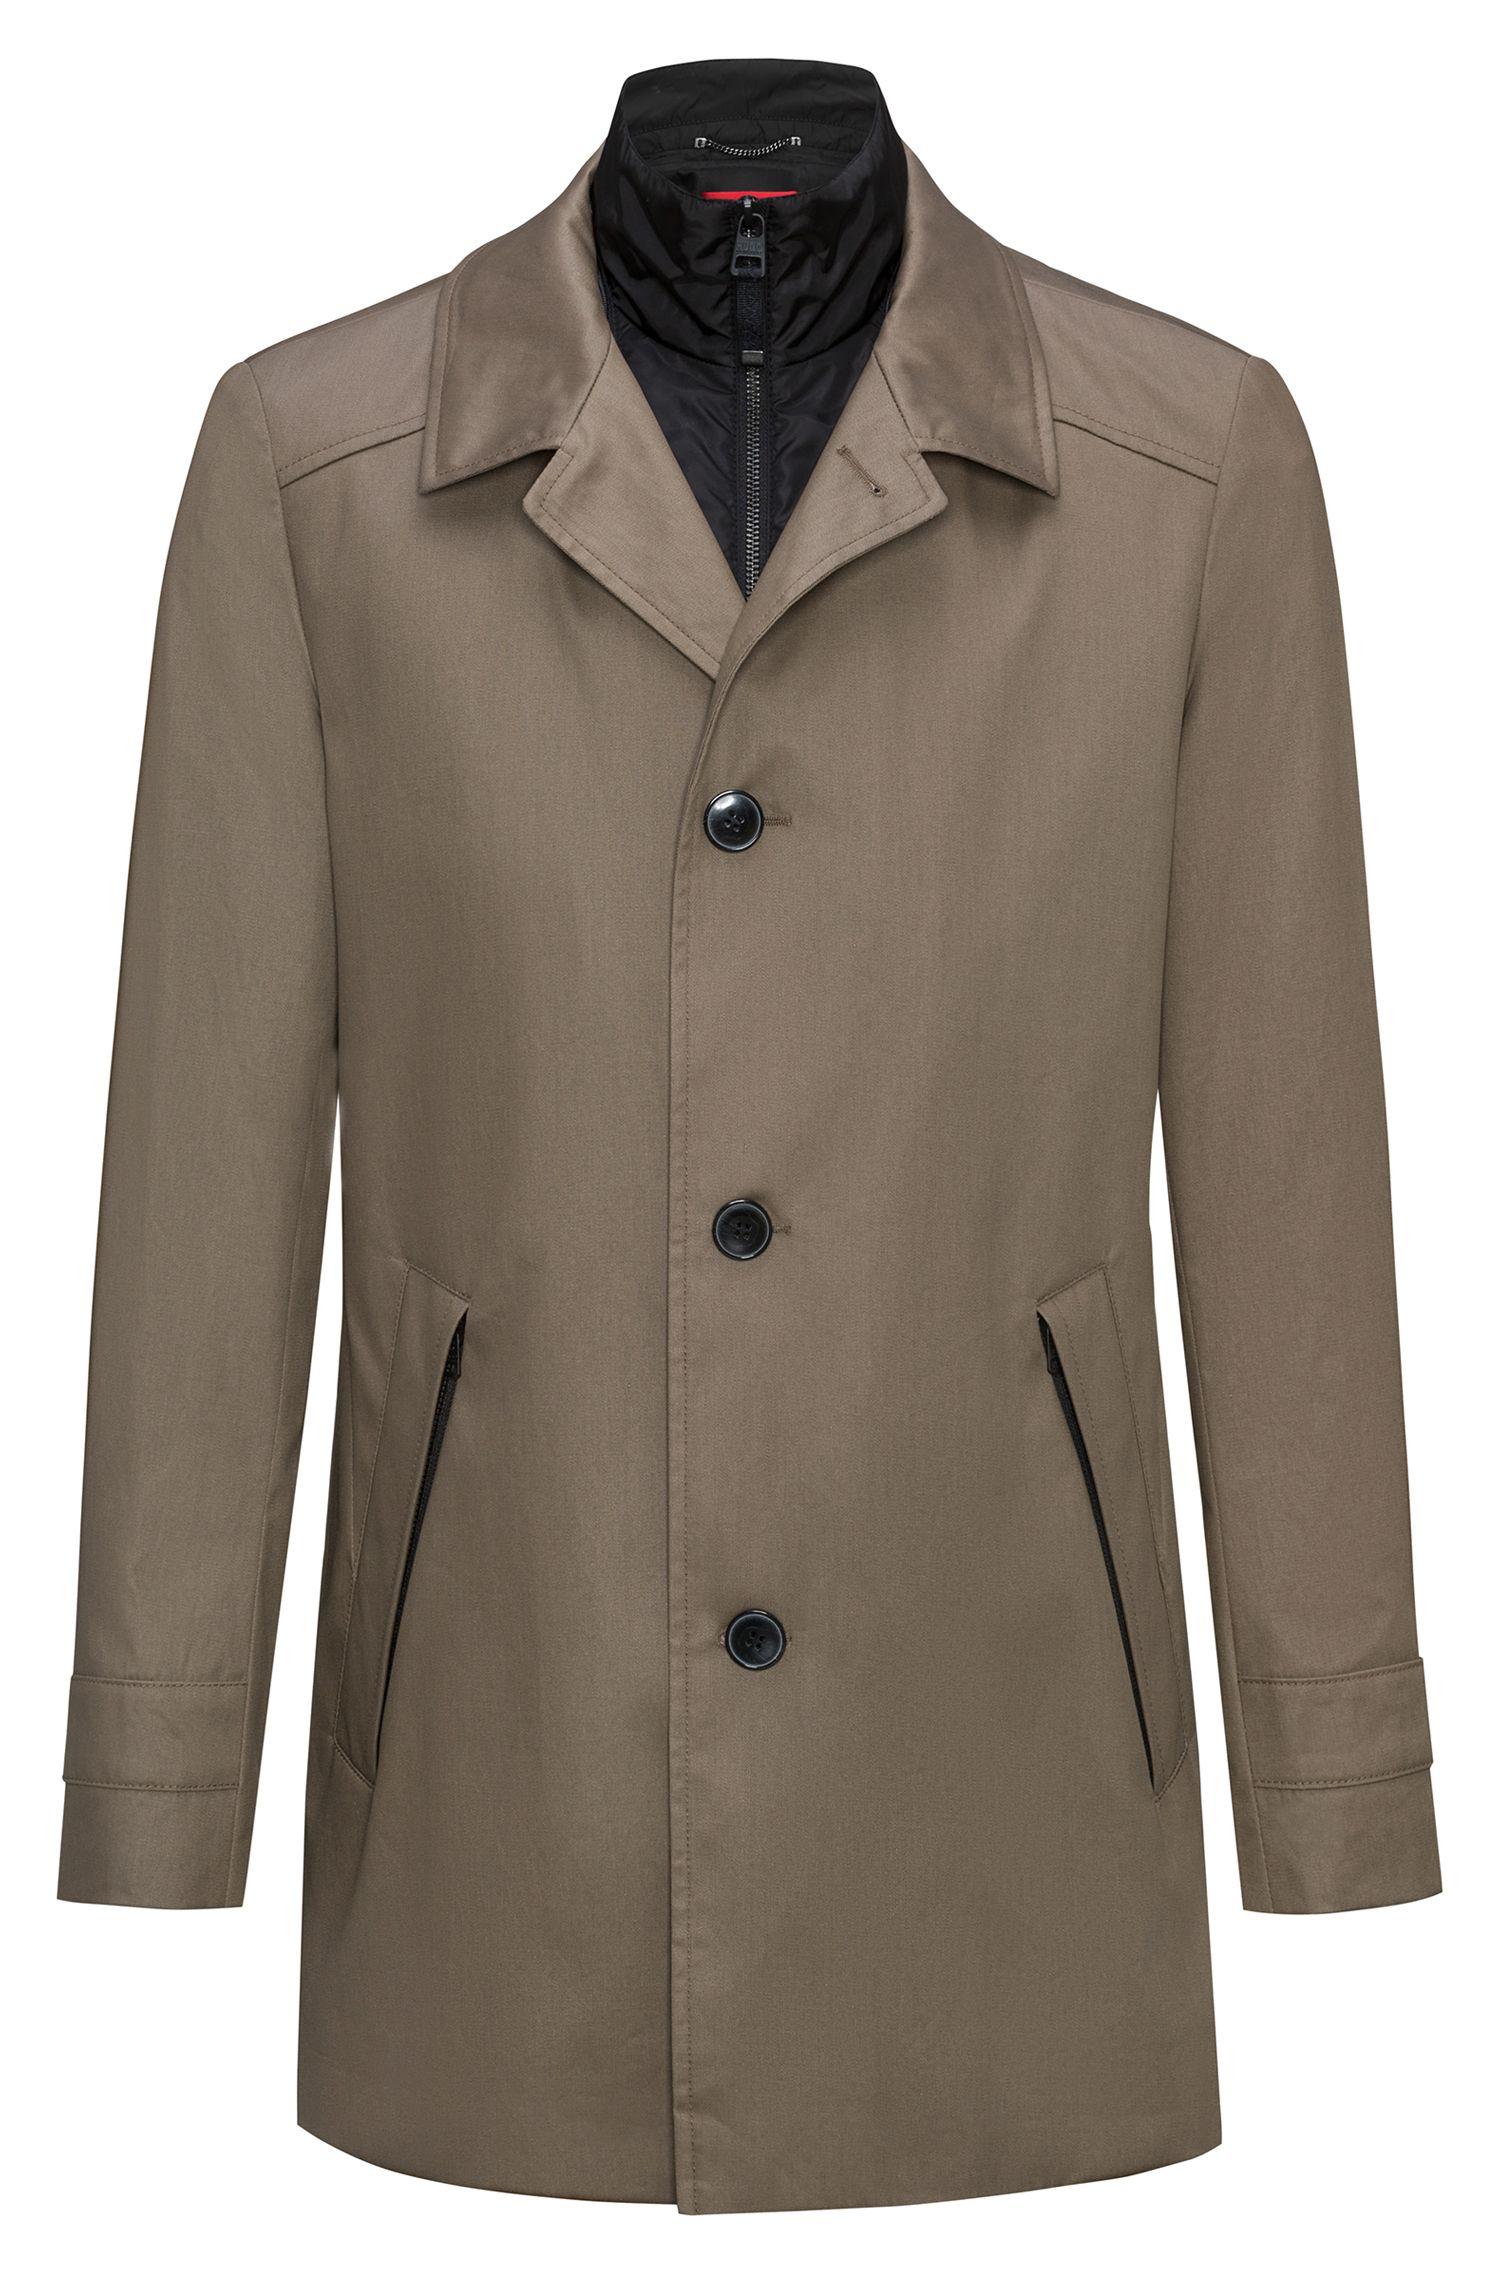 Veste Slim Fit avec matière extérieure en coton imperméable